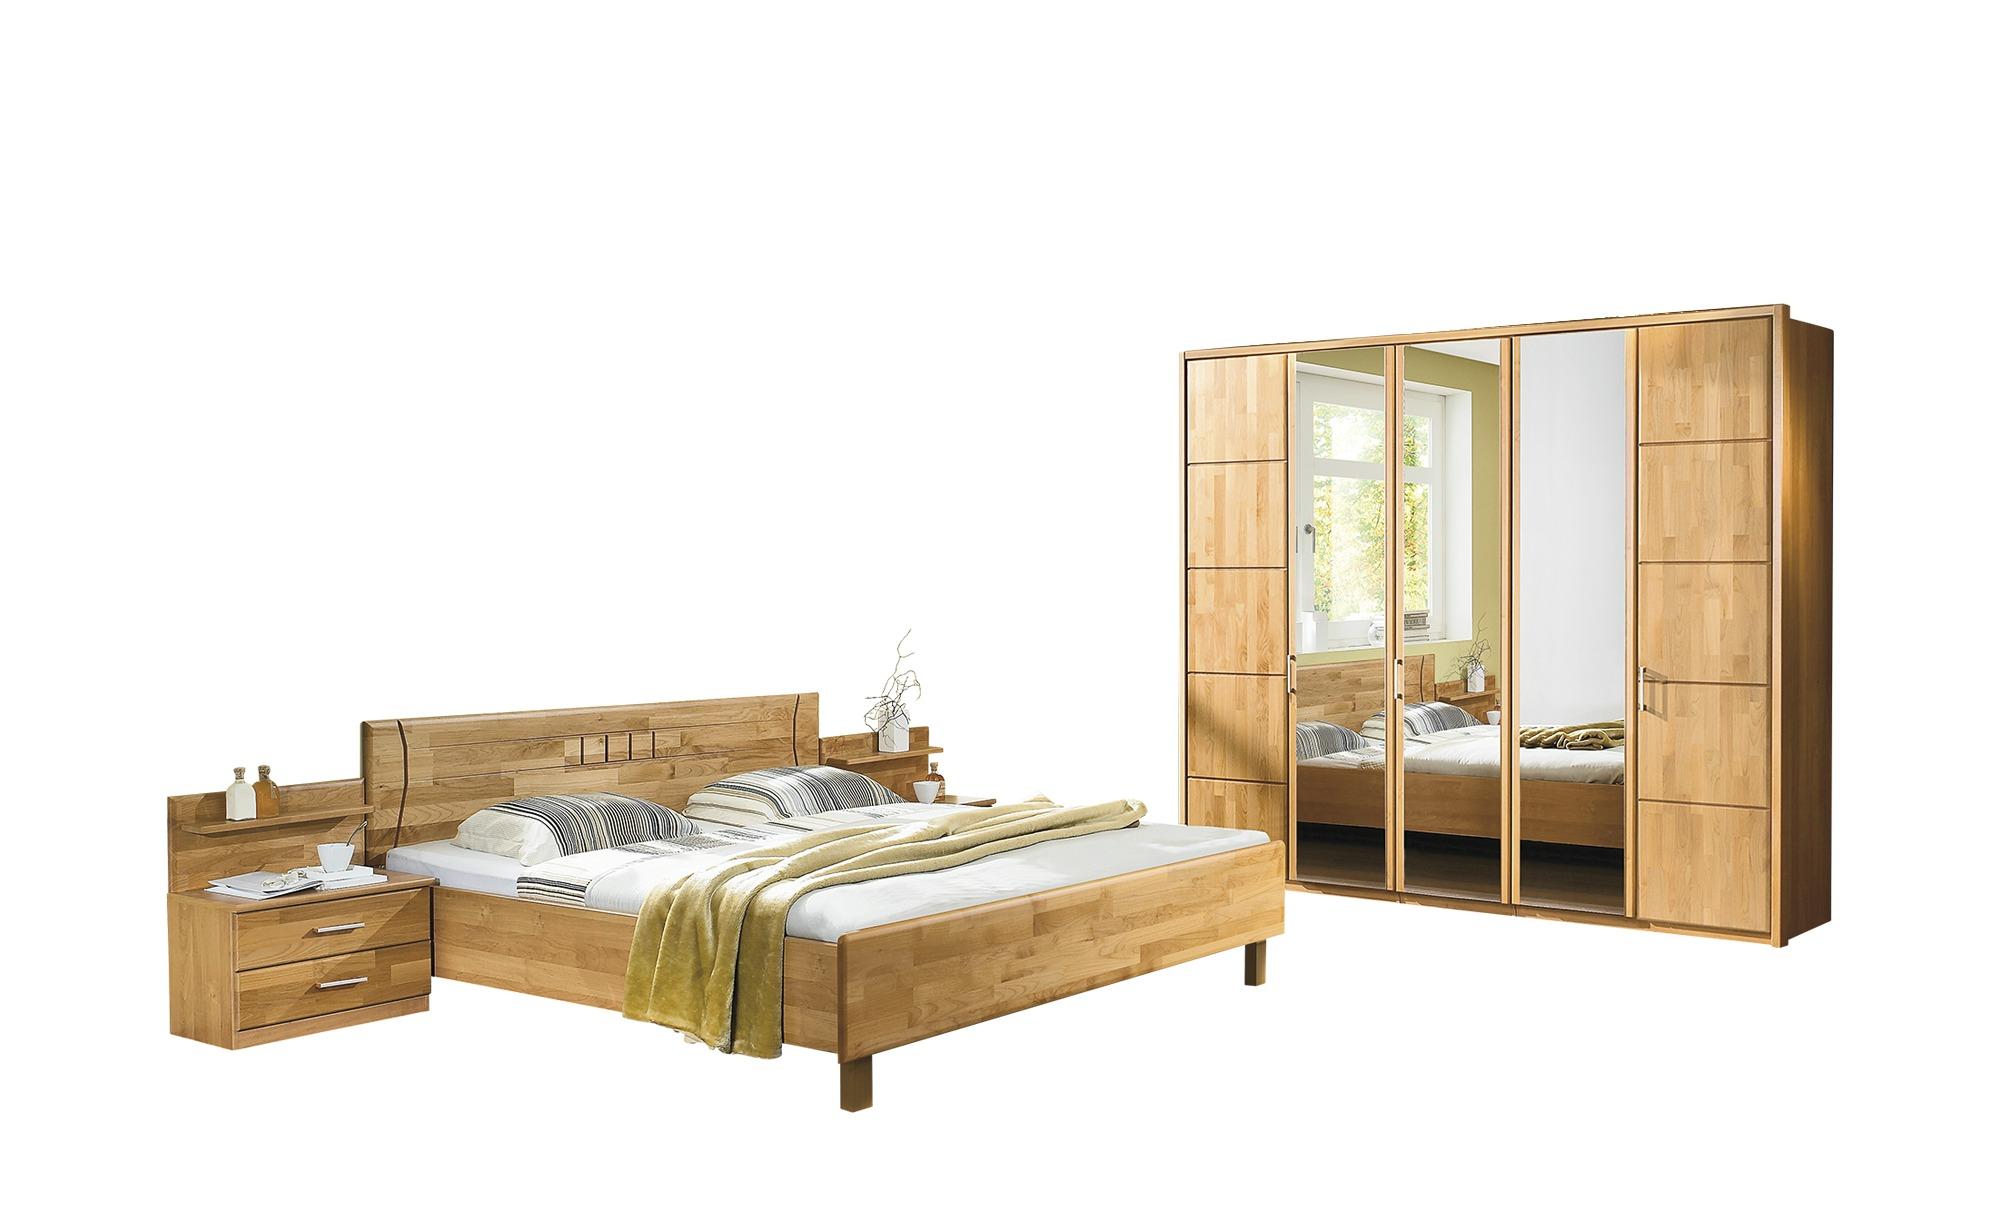 Woodford Komplett-Schlafzimmer online kaufen | Möbel-Suchmaschine ...